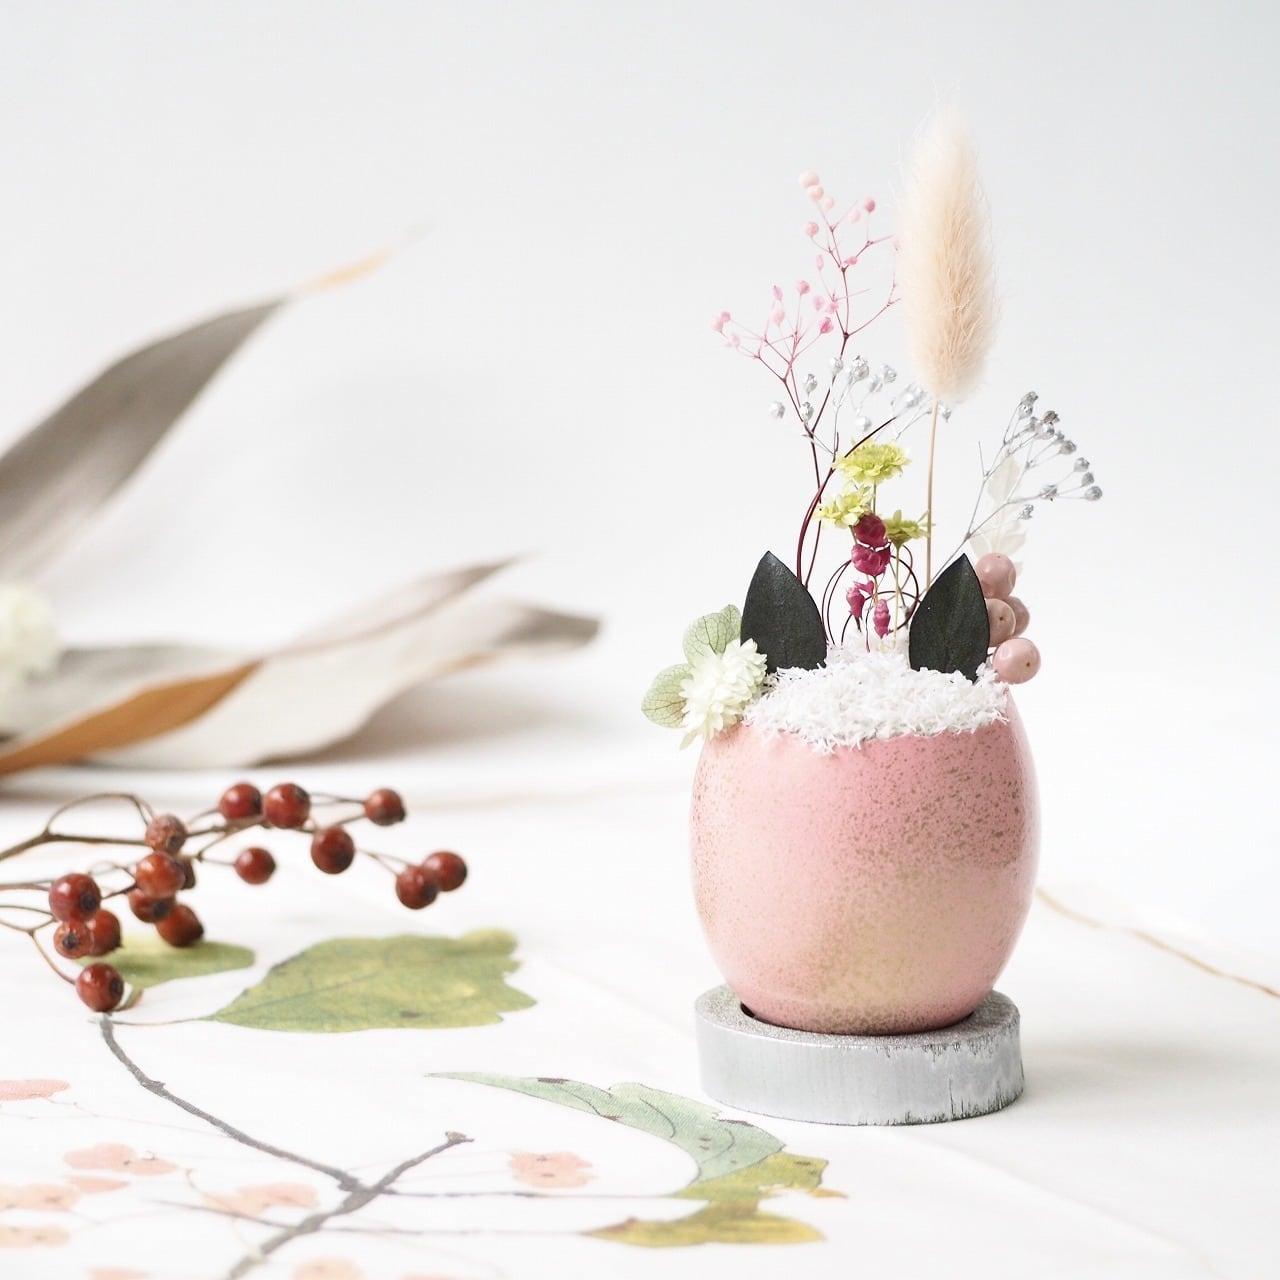 花の猫型盆栽「タマゴノコネコ」(春の桜・新たな芽吹き)